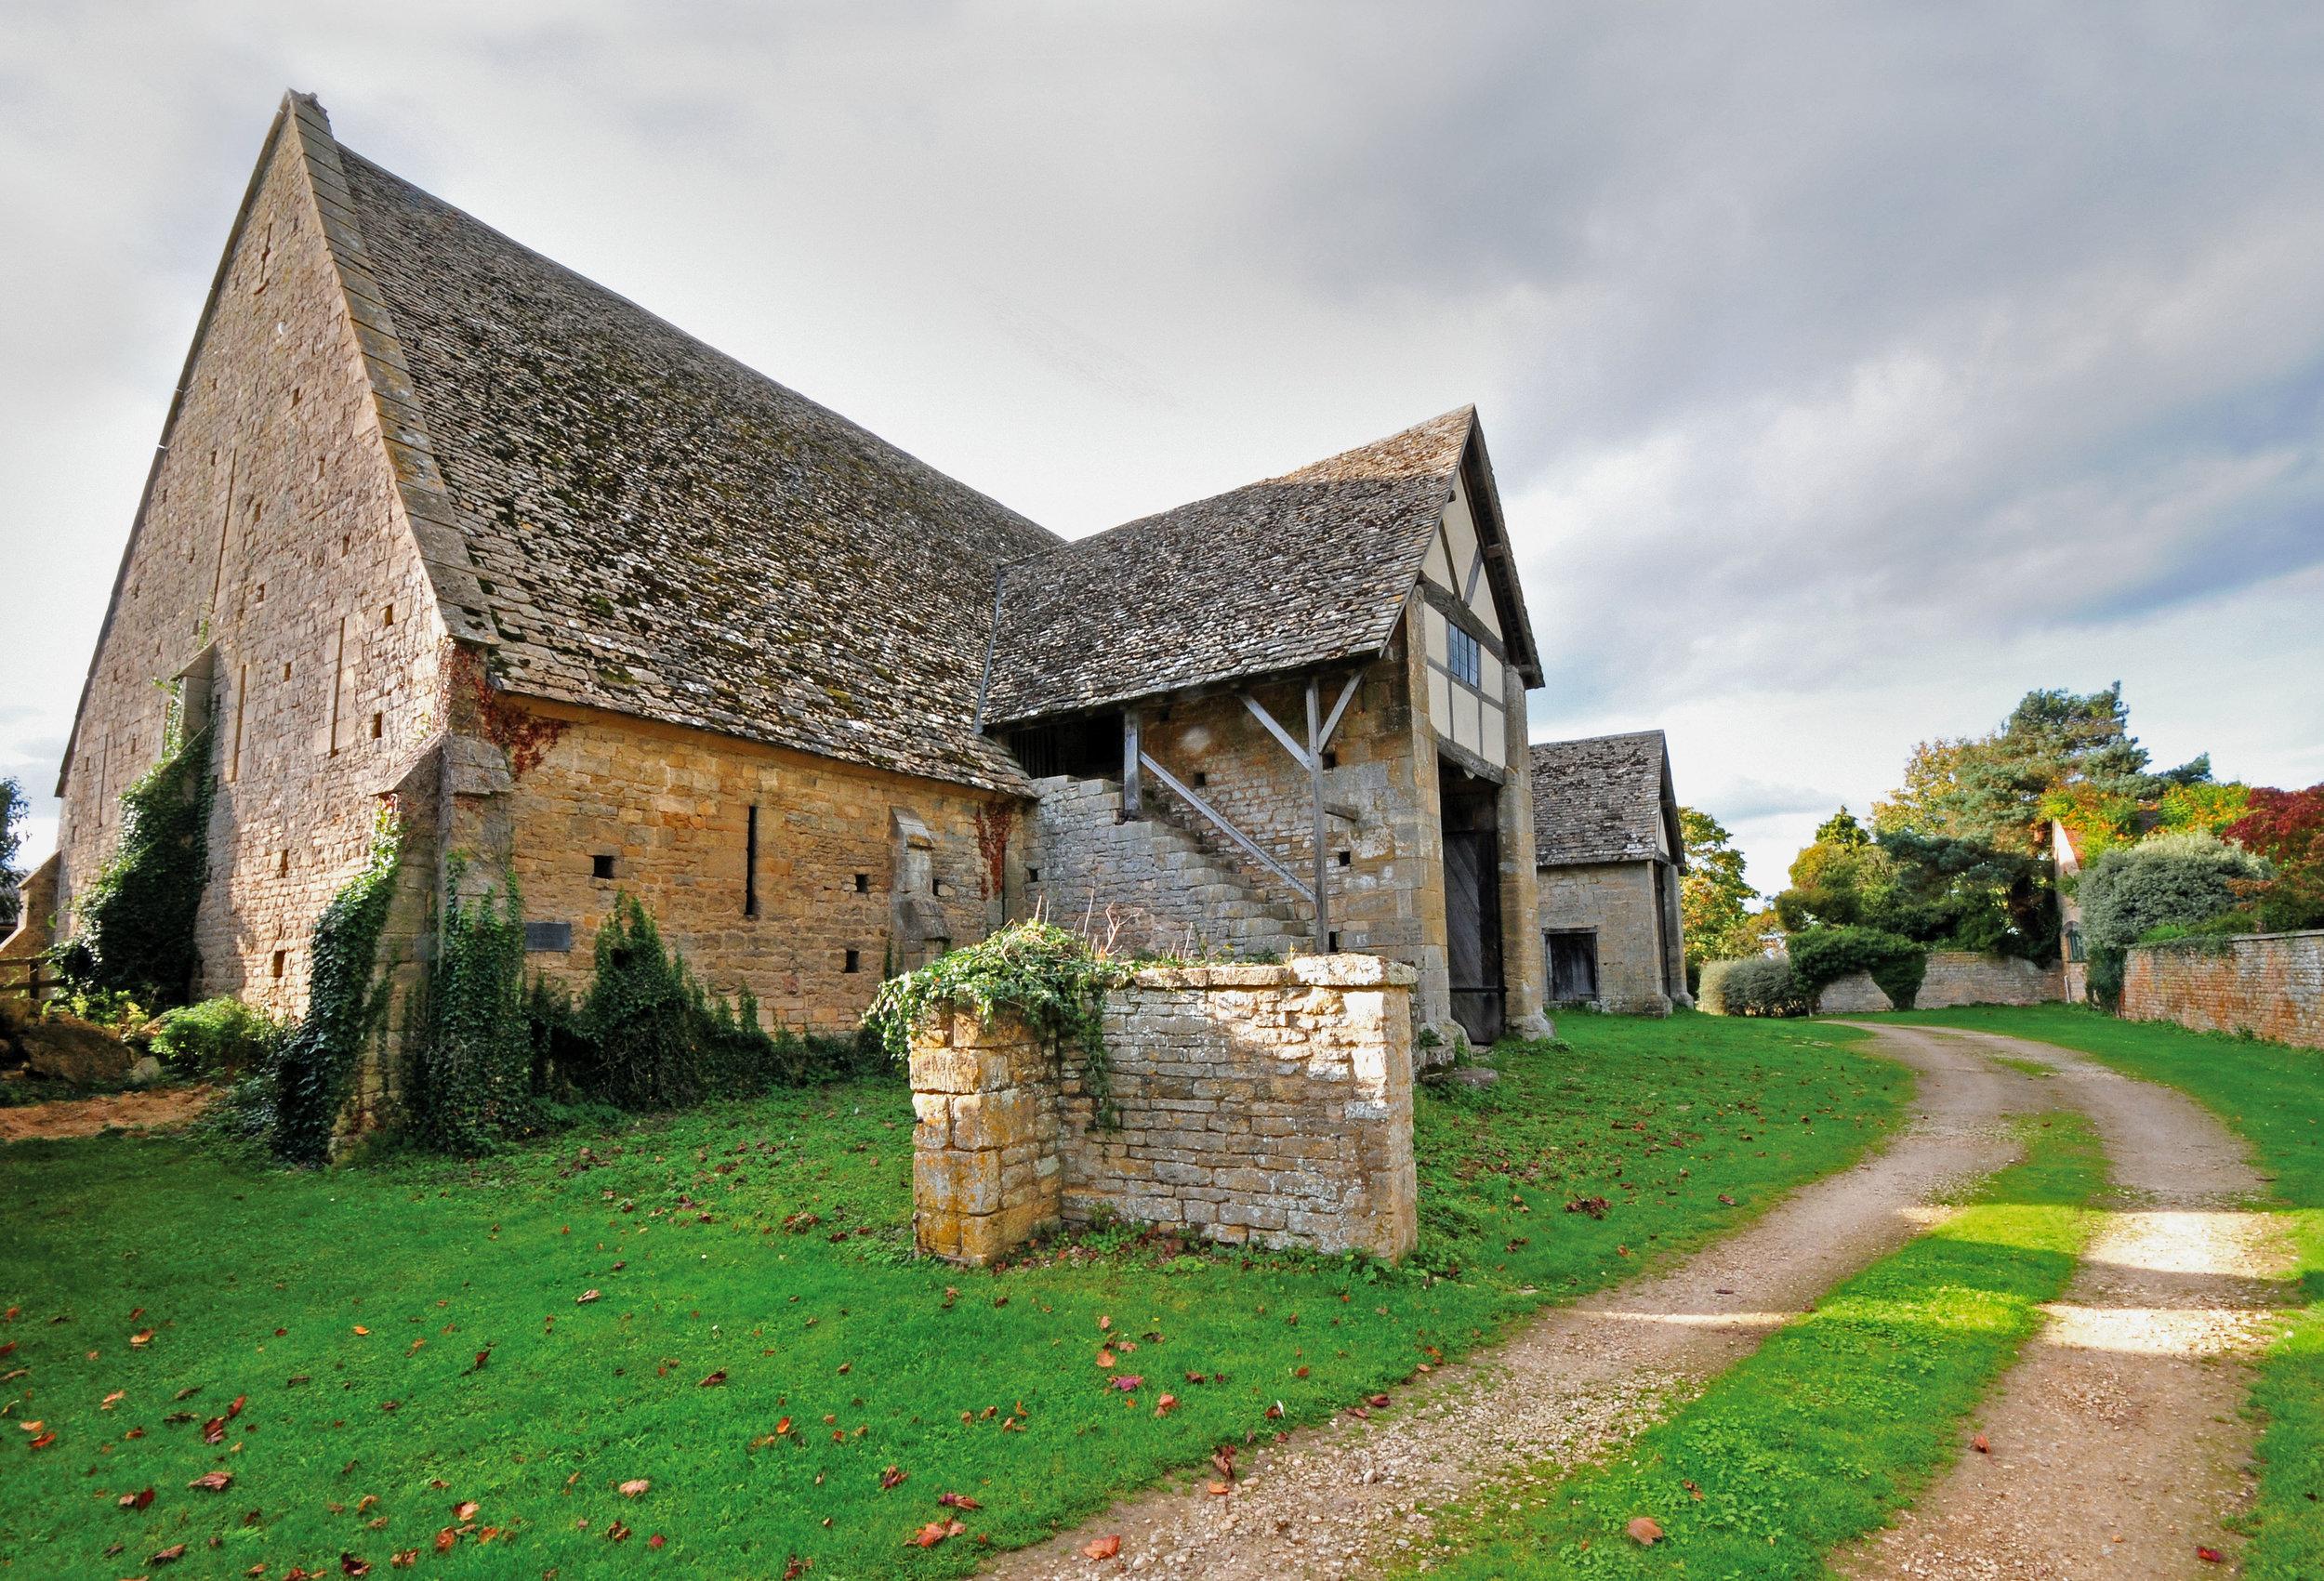 Front View, Bredon Tithe Barn, Bredon, Glos., England.jpg